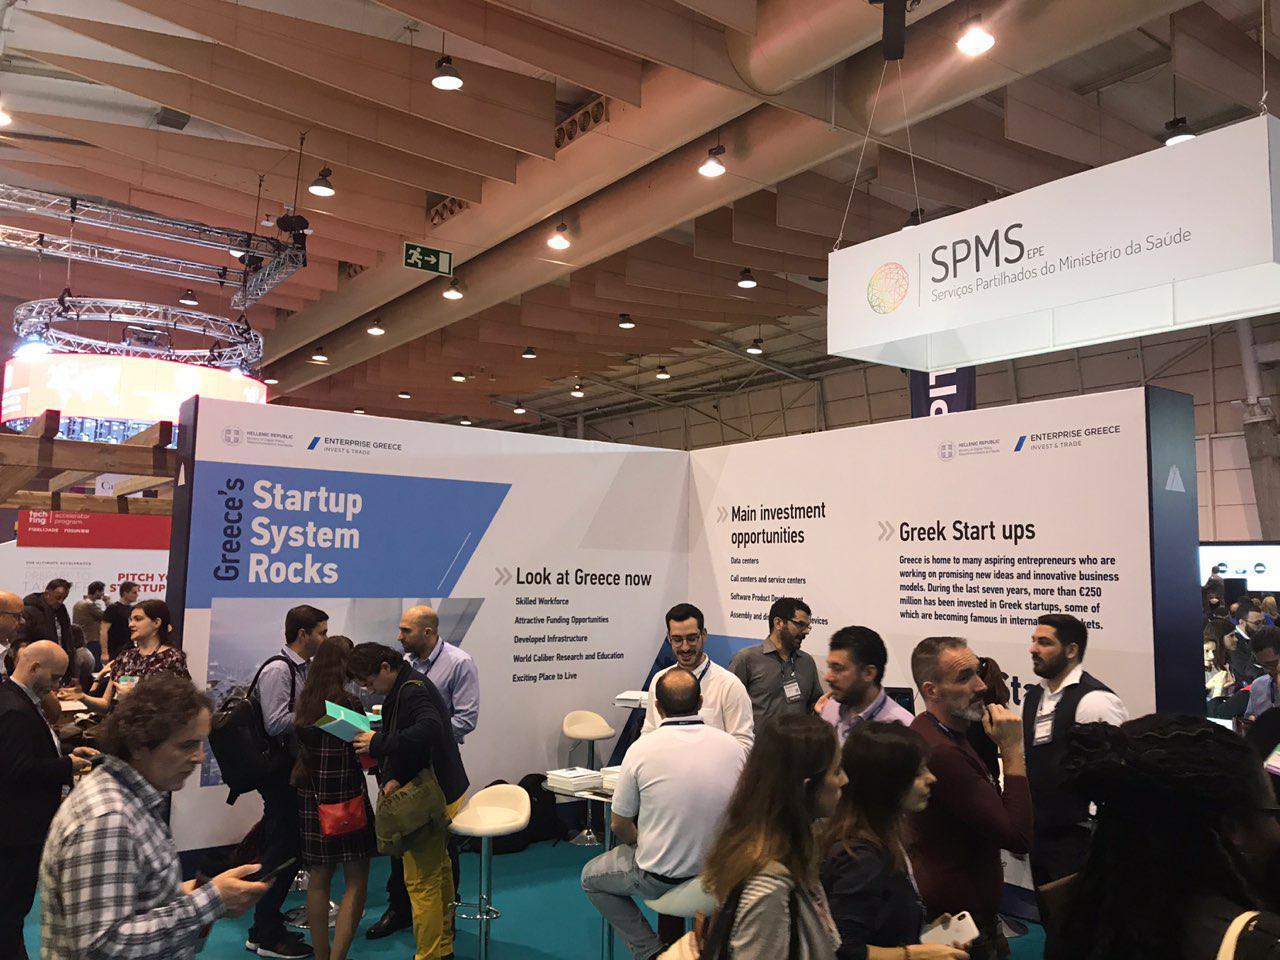 Συμμετοχή Οργανισμού Enterprise Greece στη διεθνή έκθεση Web Summit 2018